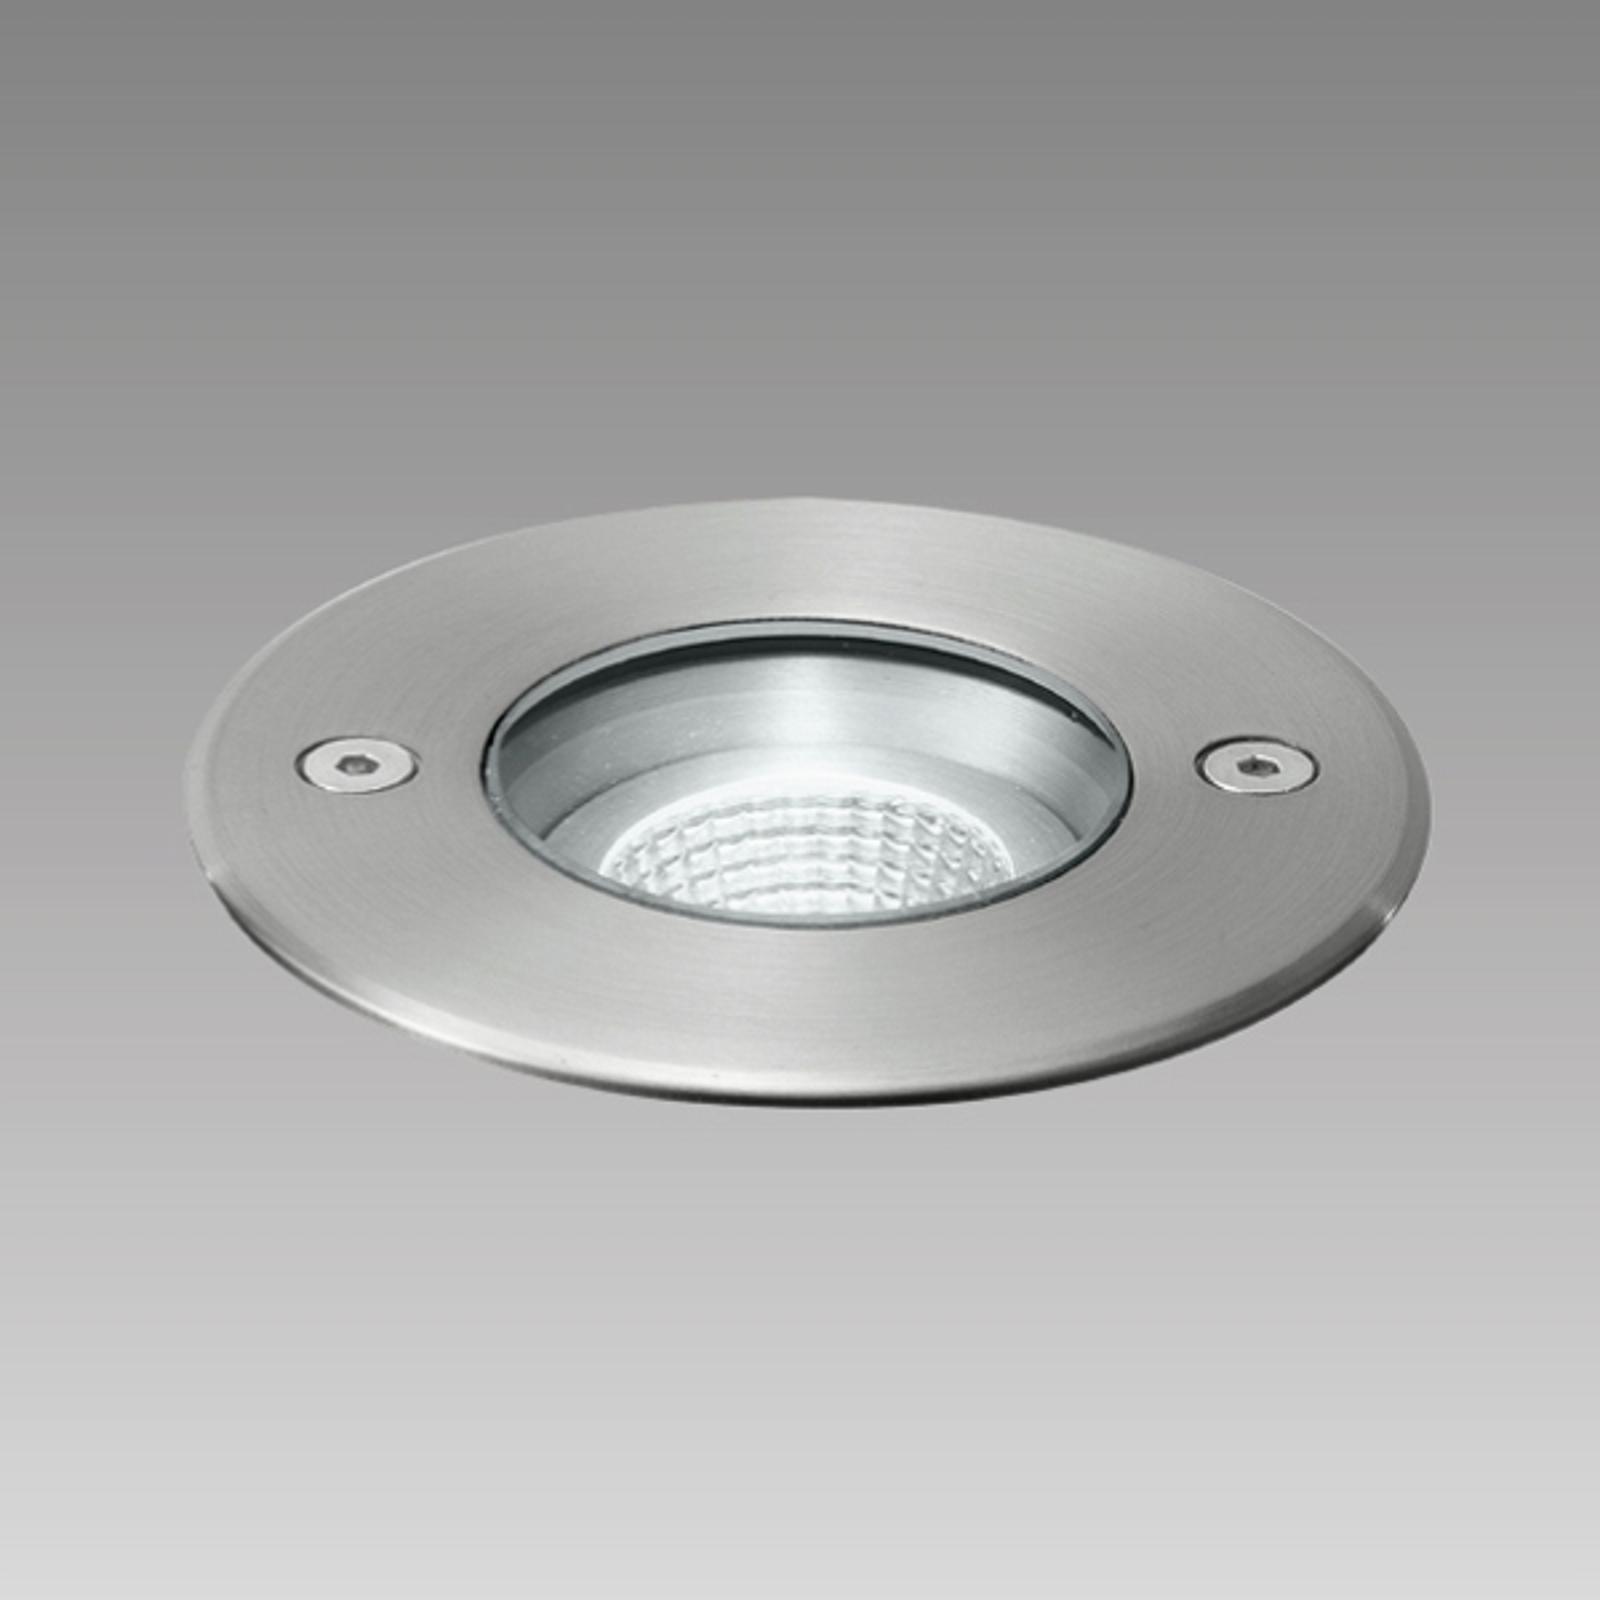 Spot encastré en acier inoxydable Frisco LED, IP67